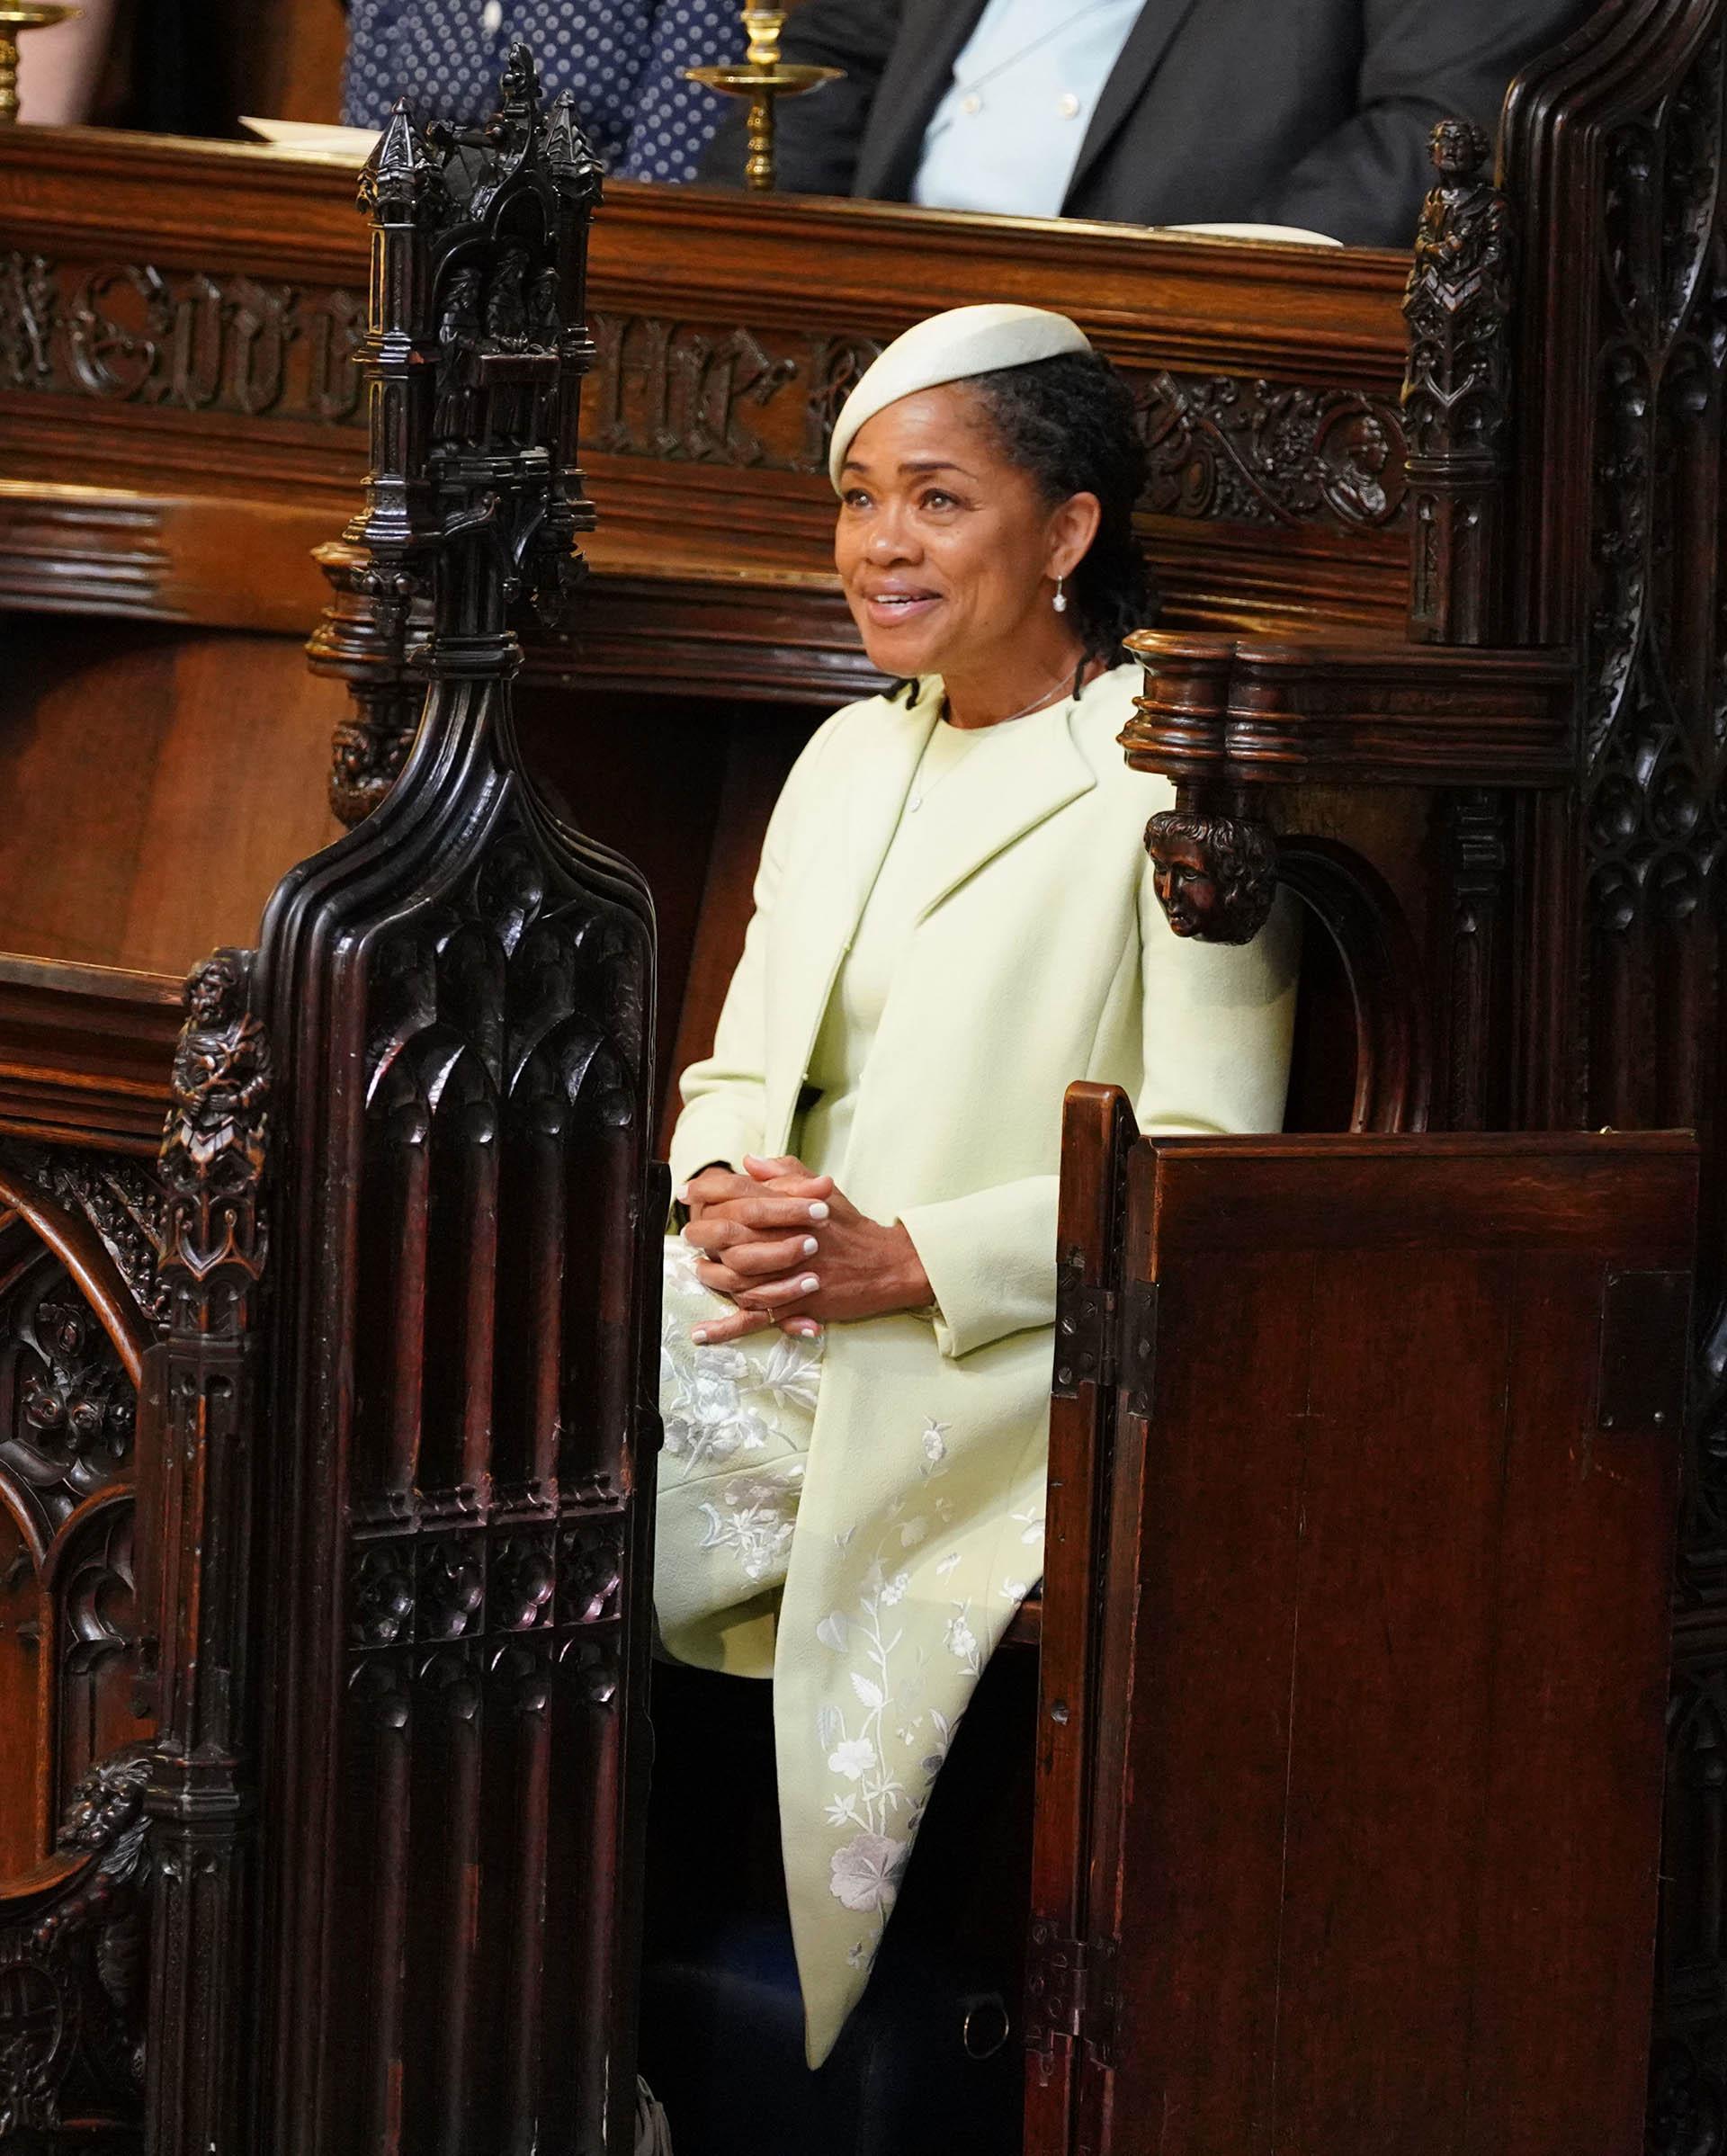 Doria Ragland eligió un vestido en verde pastel con saco 7/8 de Oscar de la Renta y un discreto tocado. Un look que respetó el protocolo aristocrático (AFP)